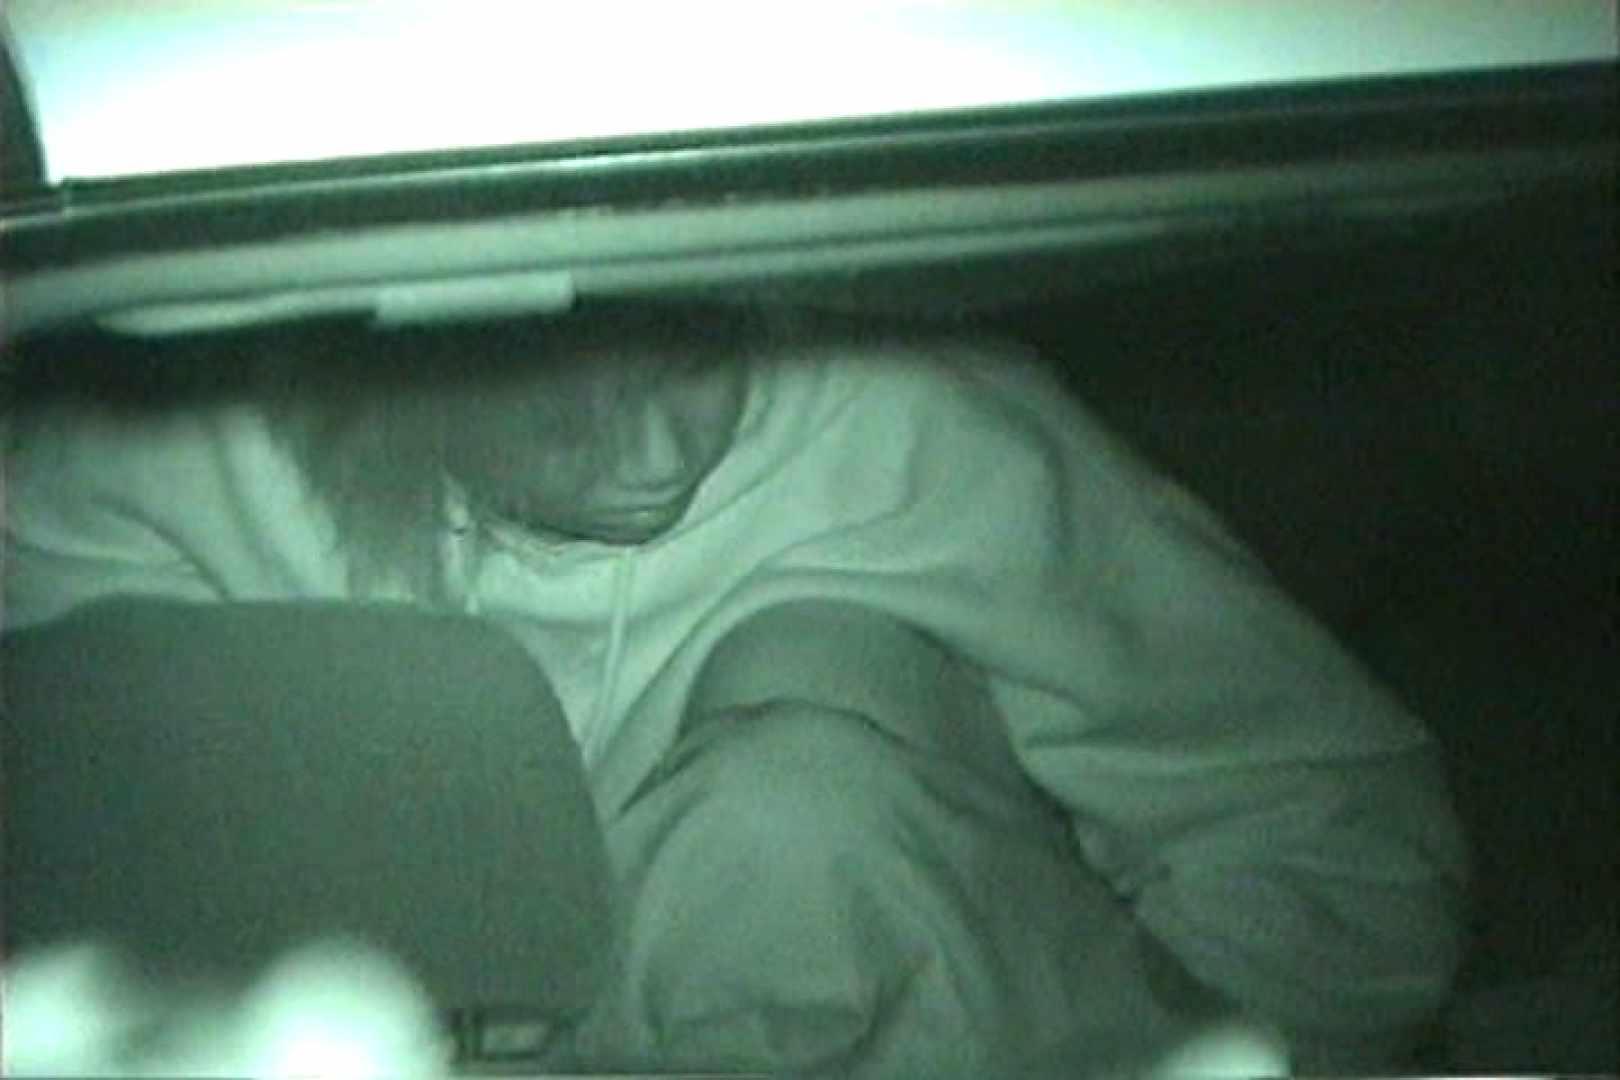 車の中はラブホテル 無修正版  Vol.27 マンコ無修正 盗み撮りオマンコ動画キャプチャ 91画像 67